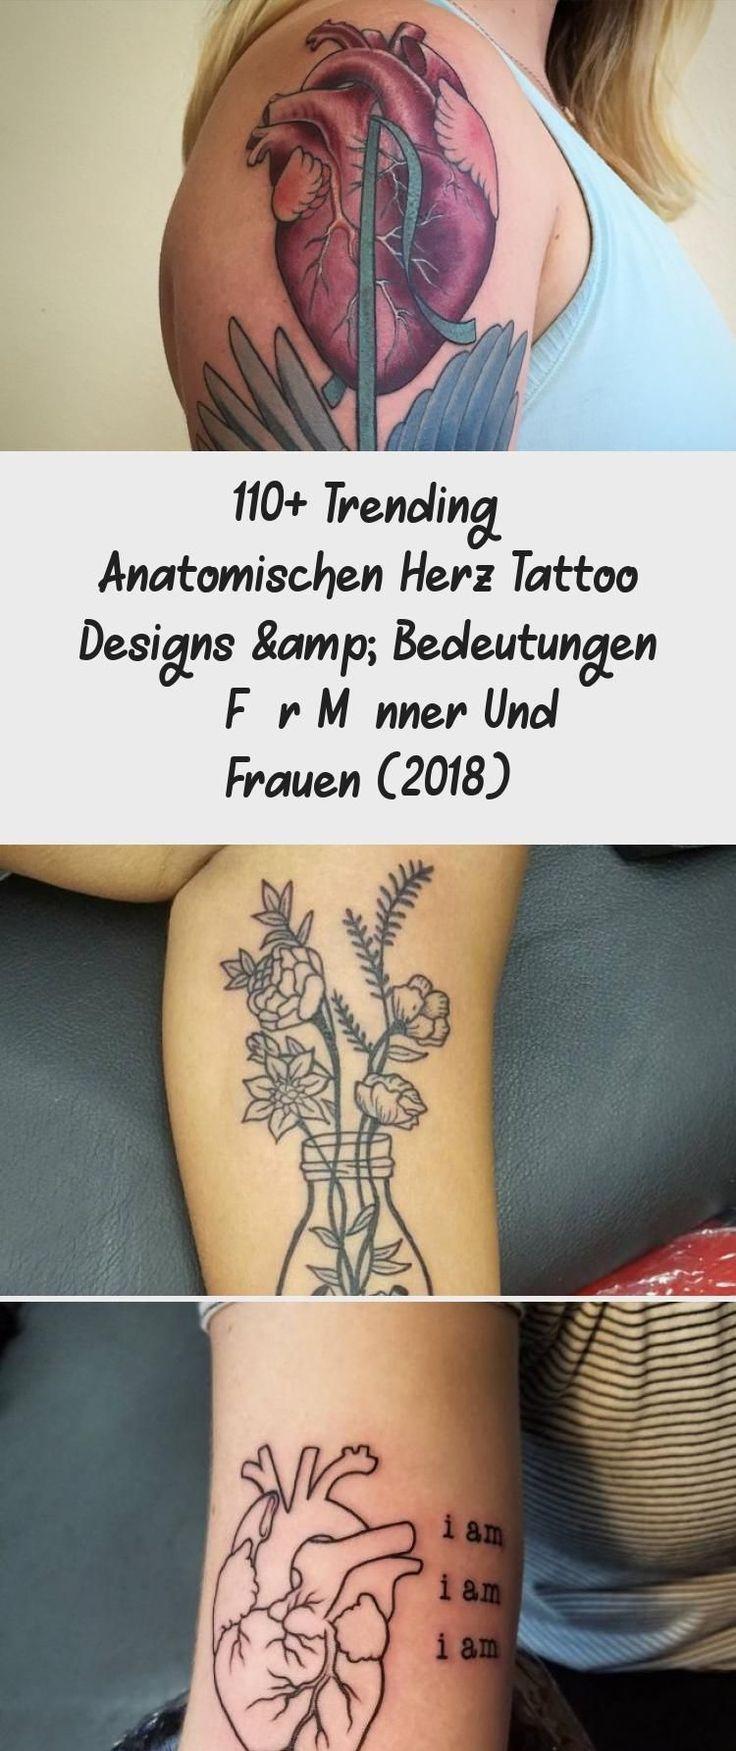 110+ Trending anatomischen Herz Tattoo Designs